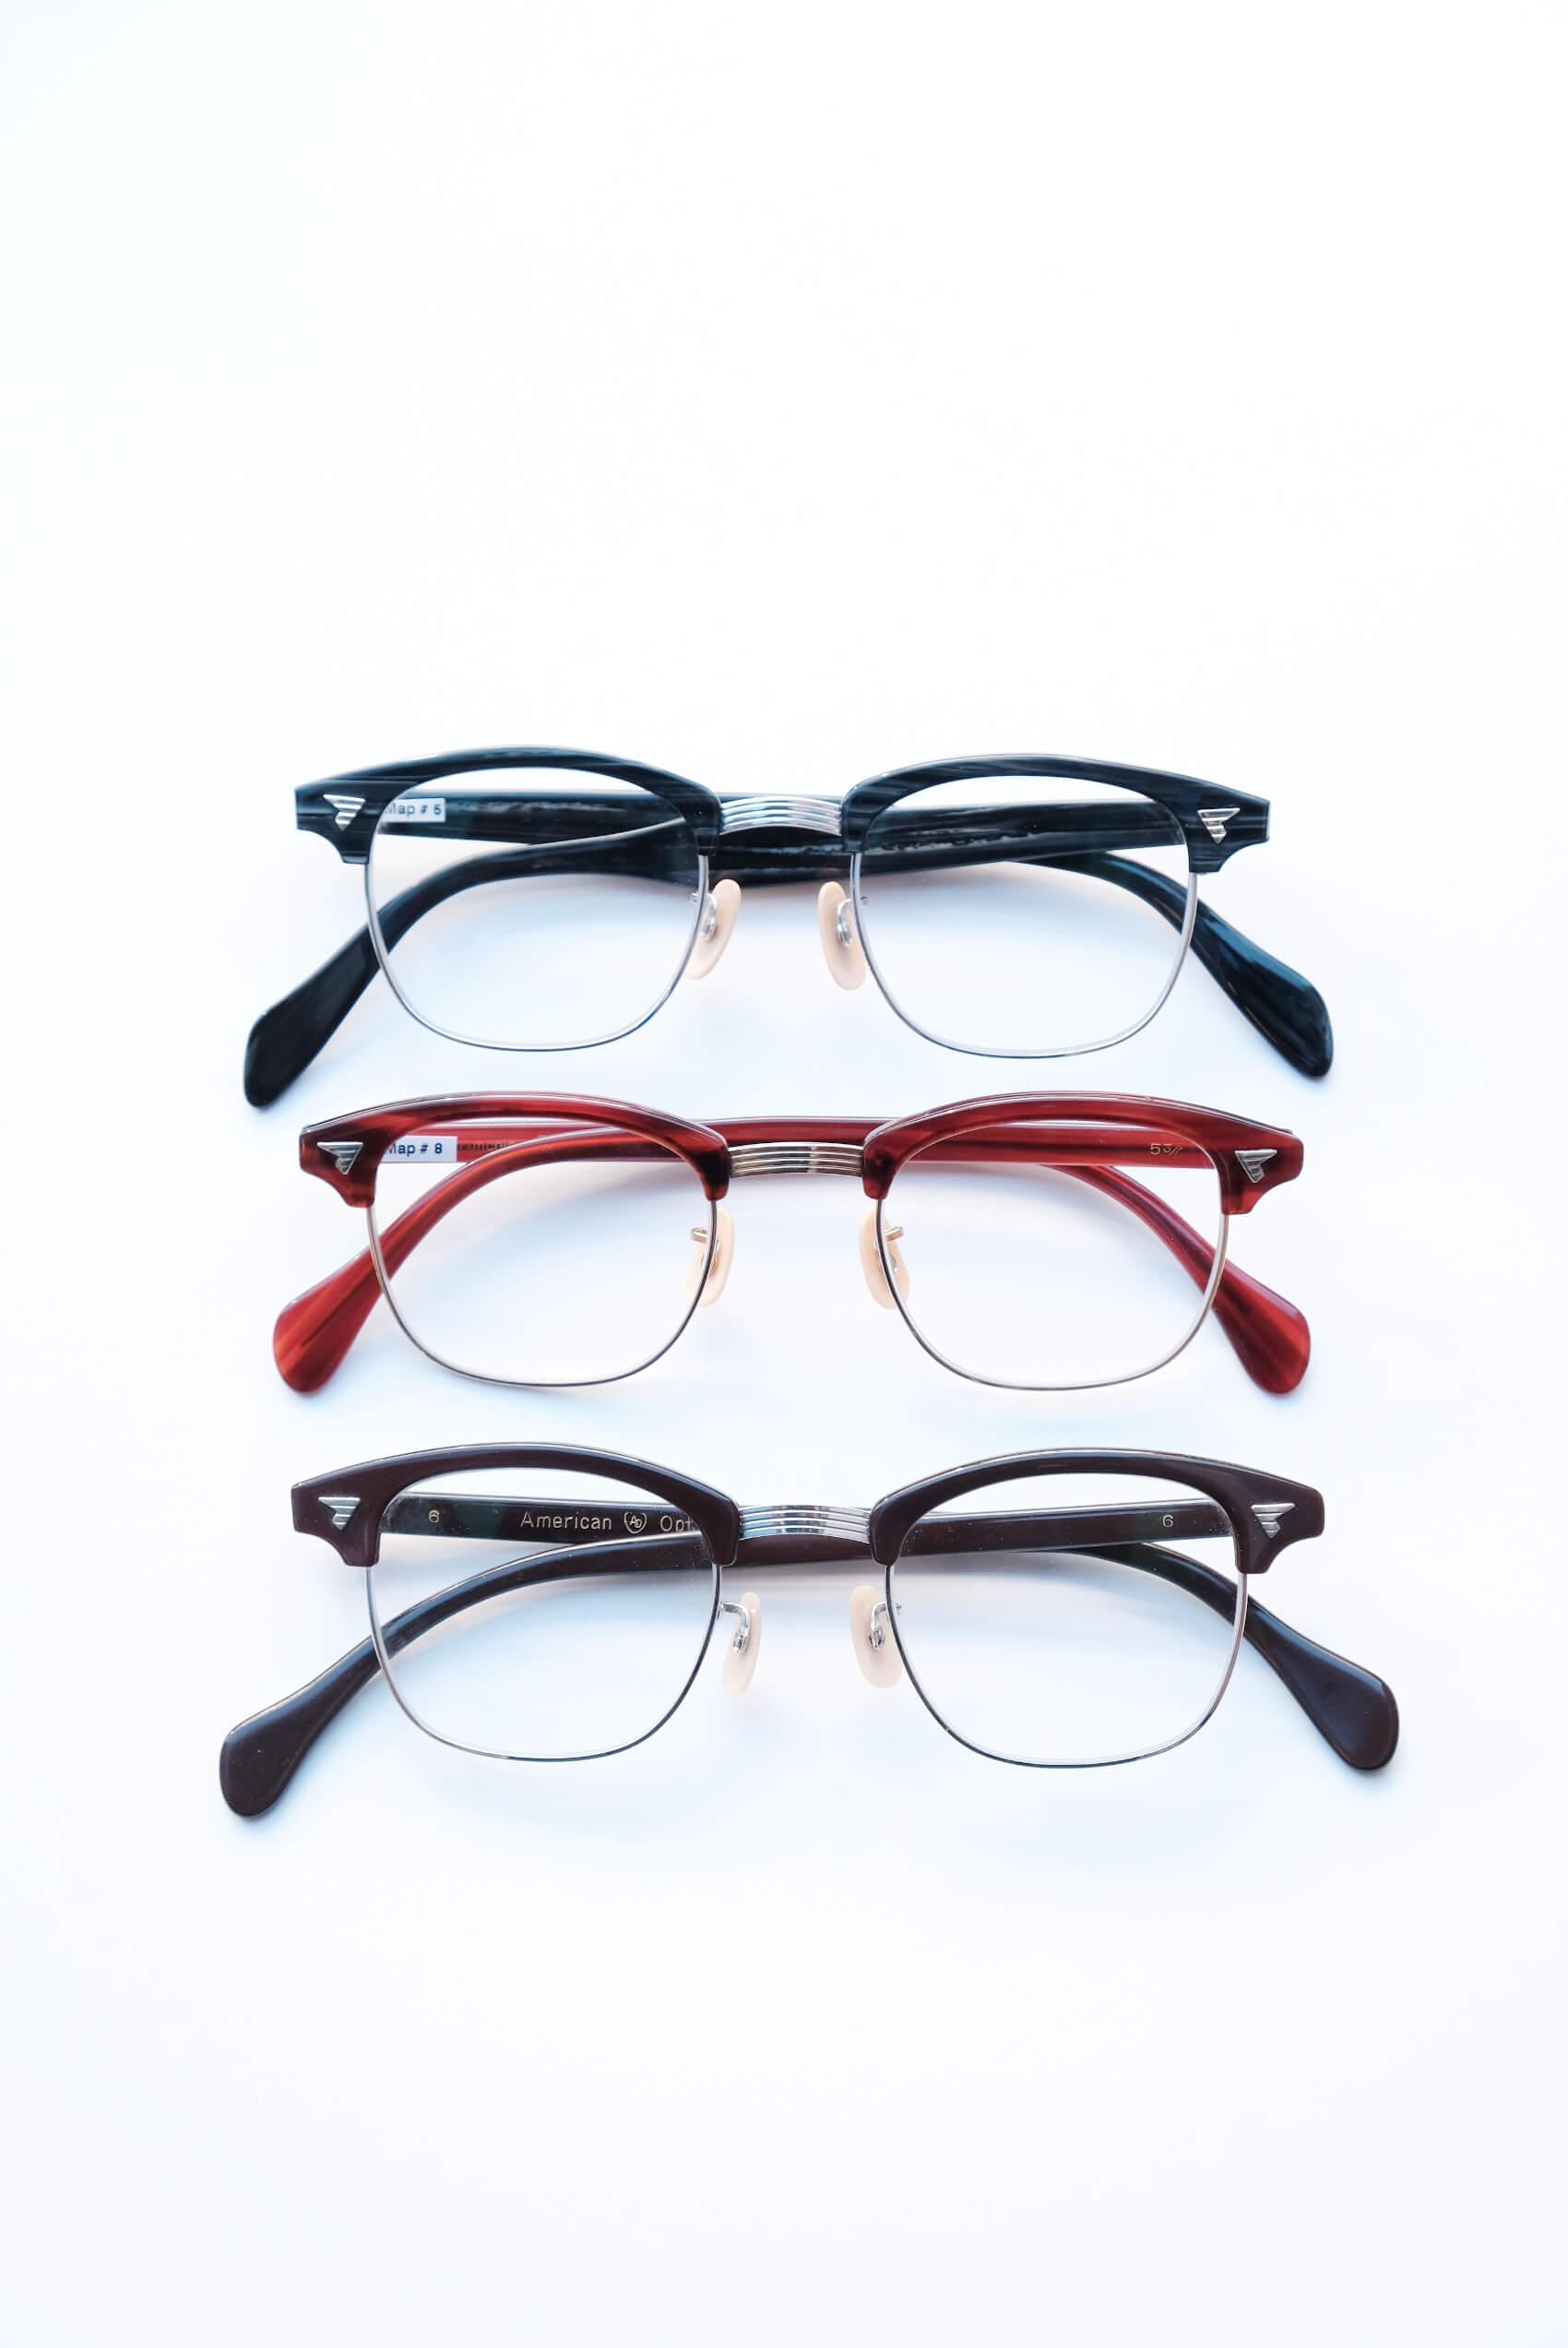 American Optical‐